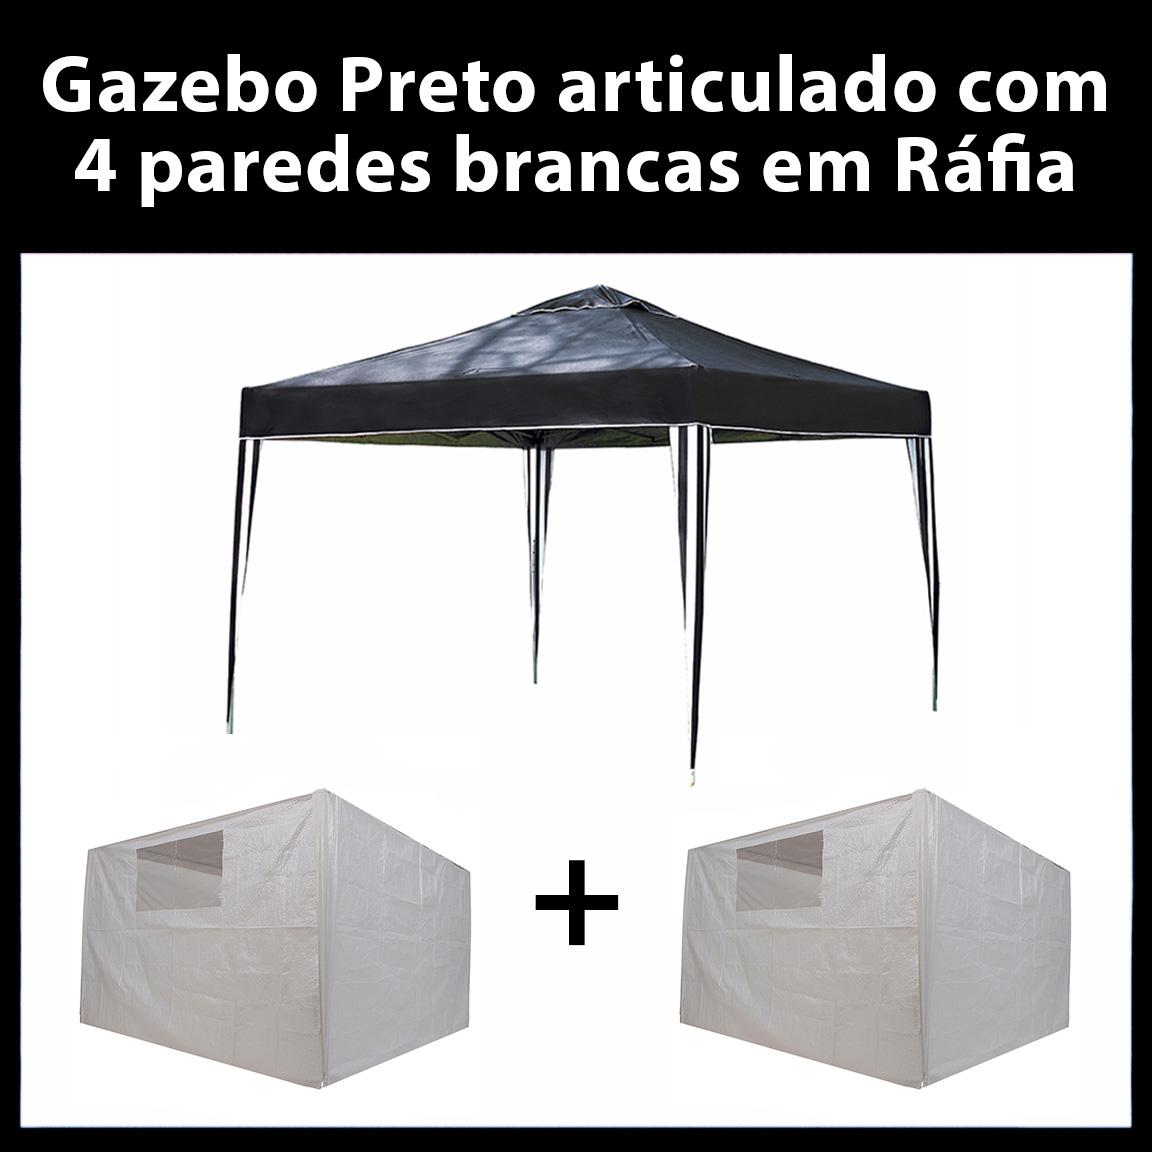 Gazebo 3x3 Articulado Preto em Aço + 4 Paredes Brancas de Ráfia Eleva Mundi